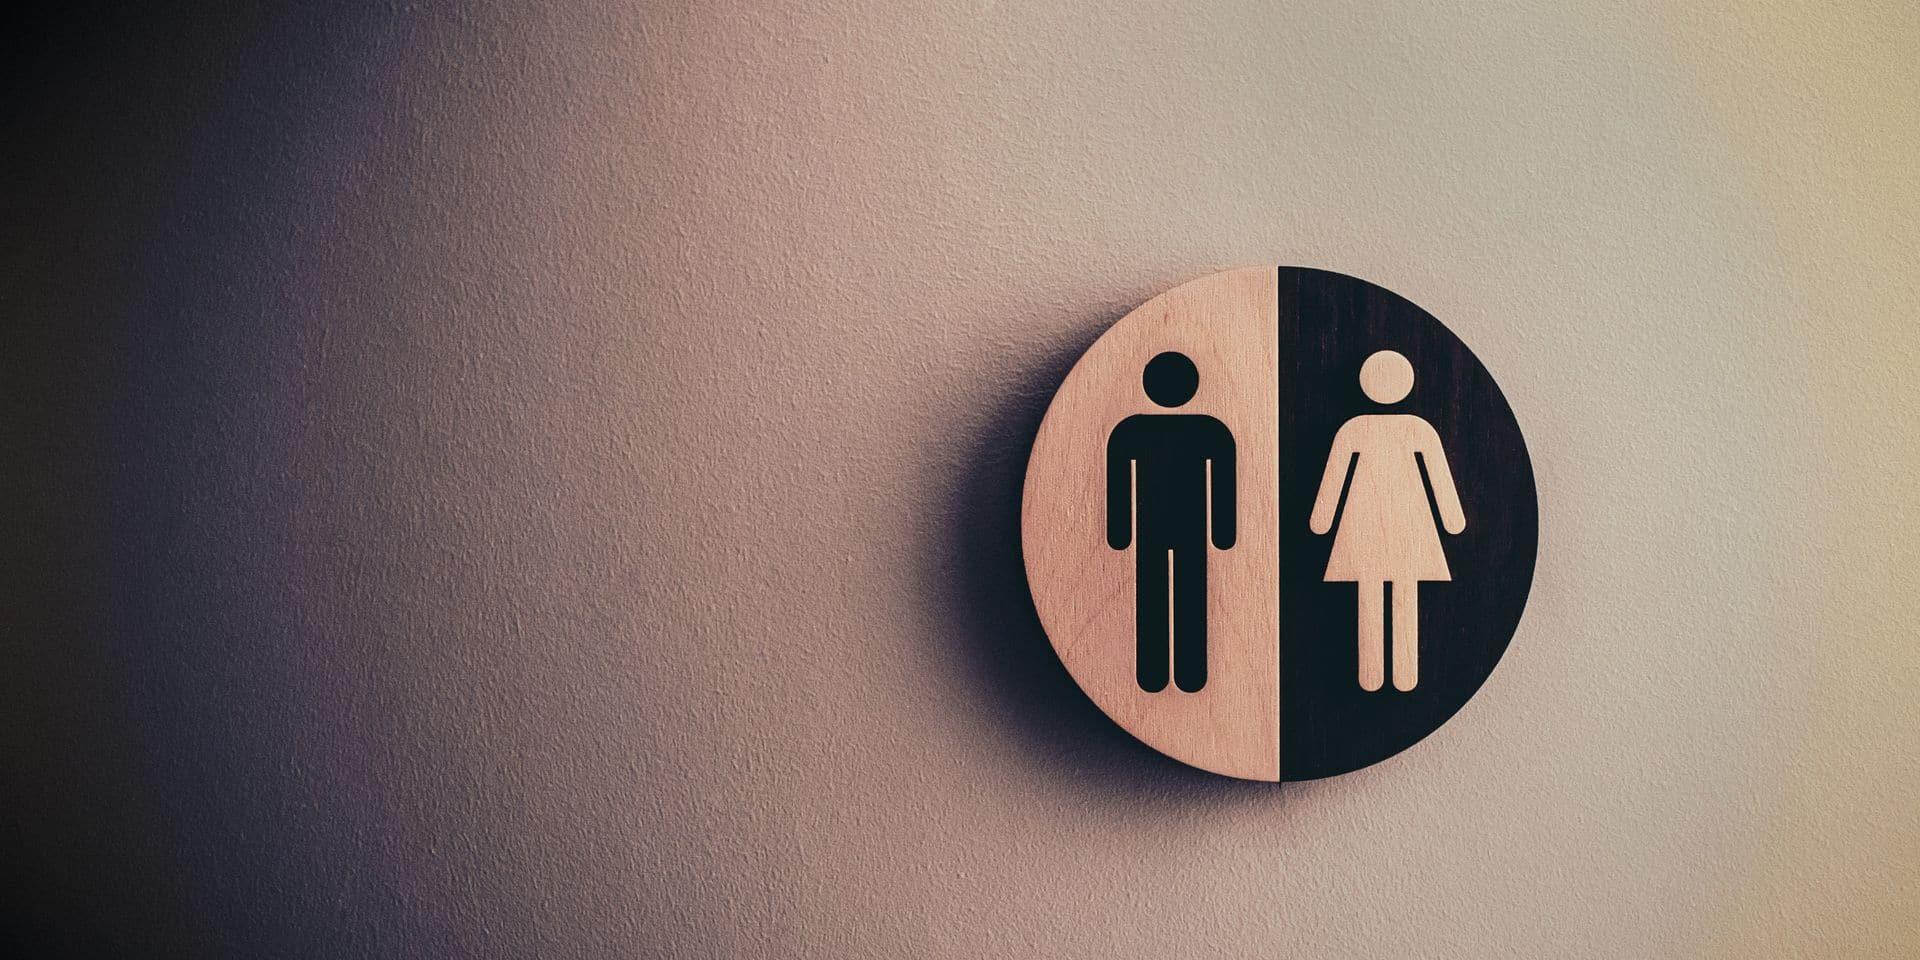 Un restaurant belge sert de l'eau issue de ses toilettes à ses clients